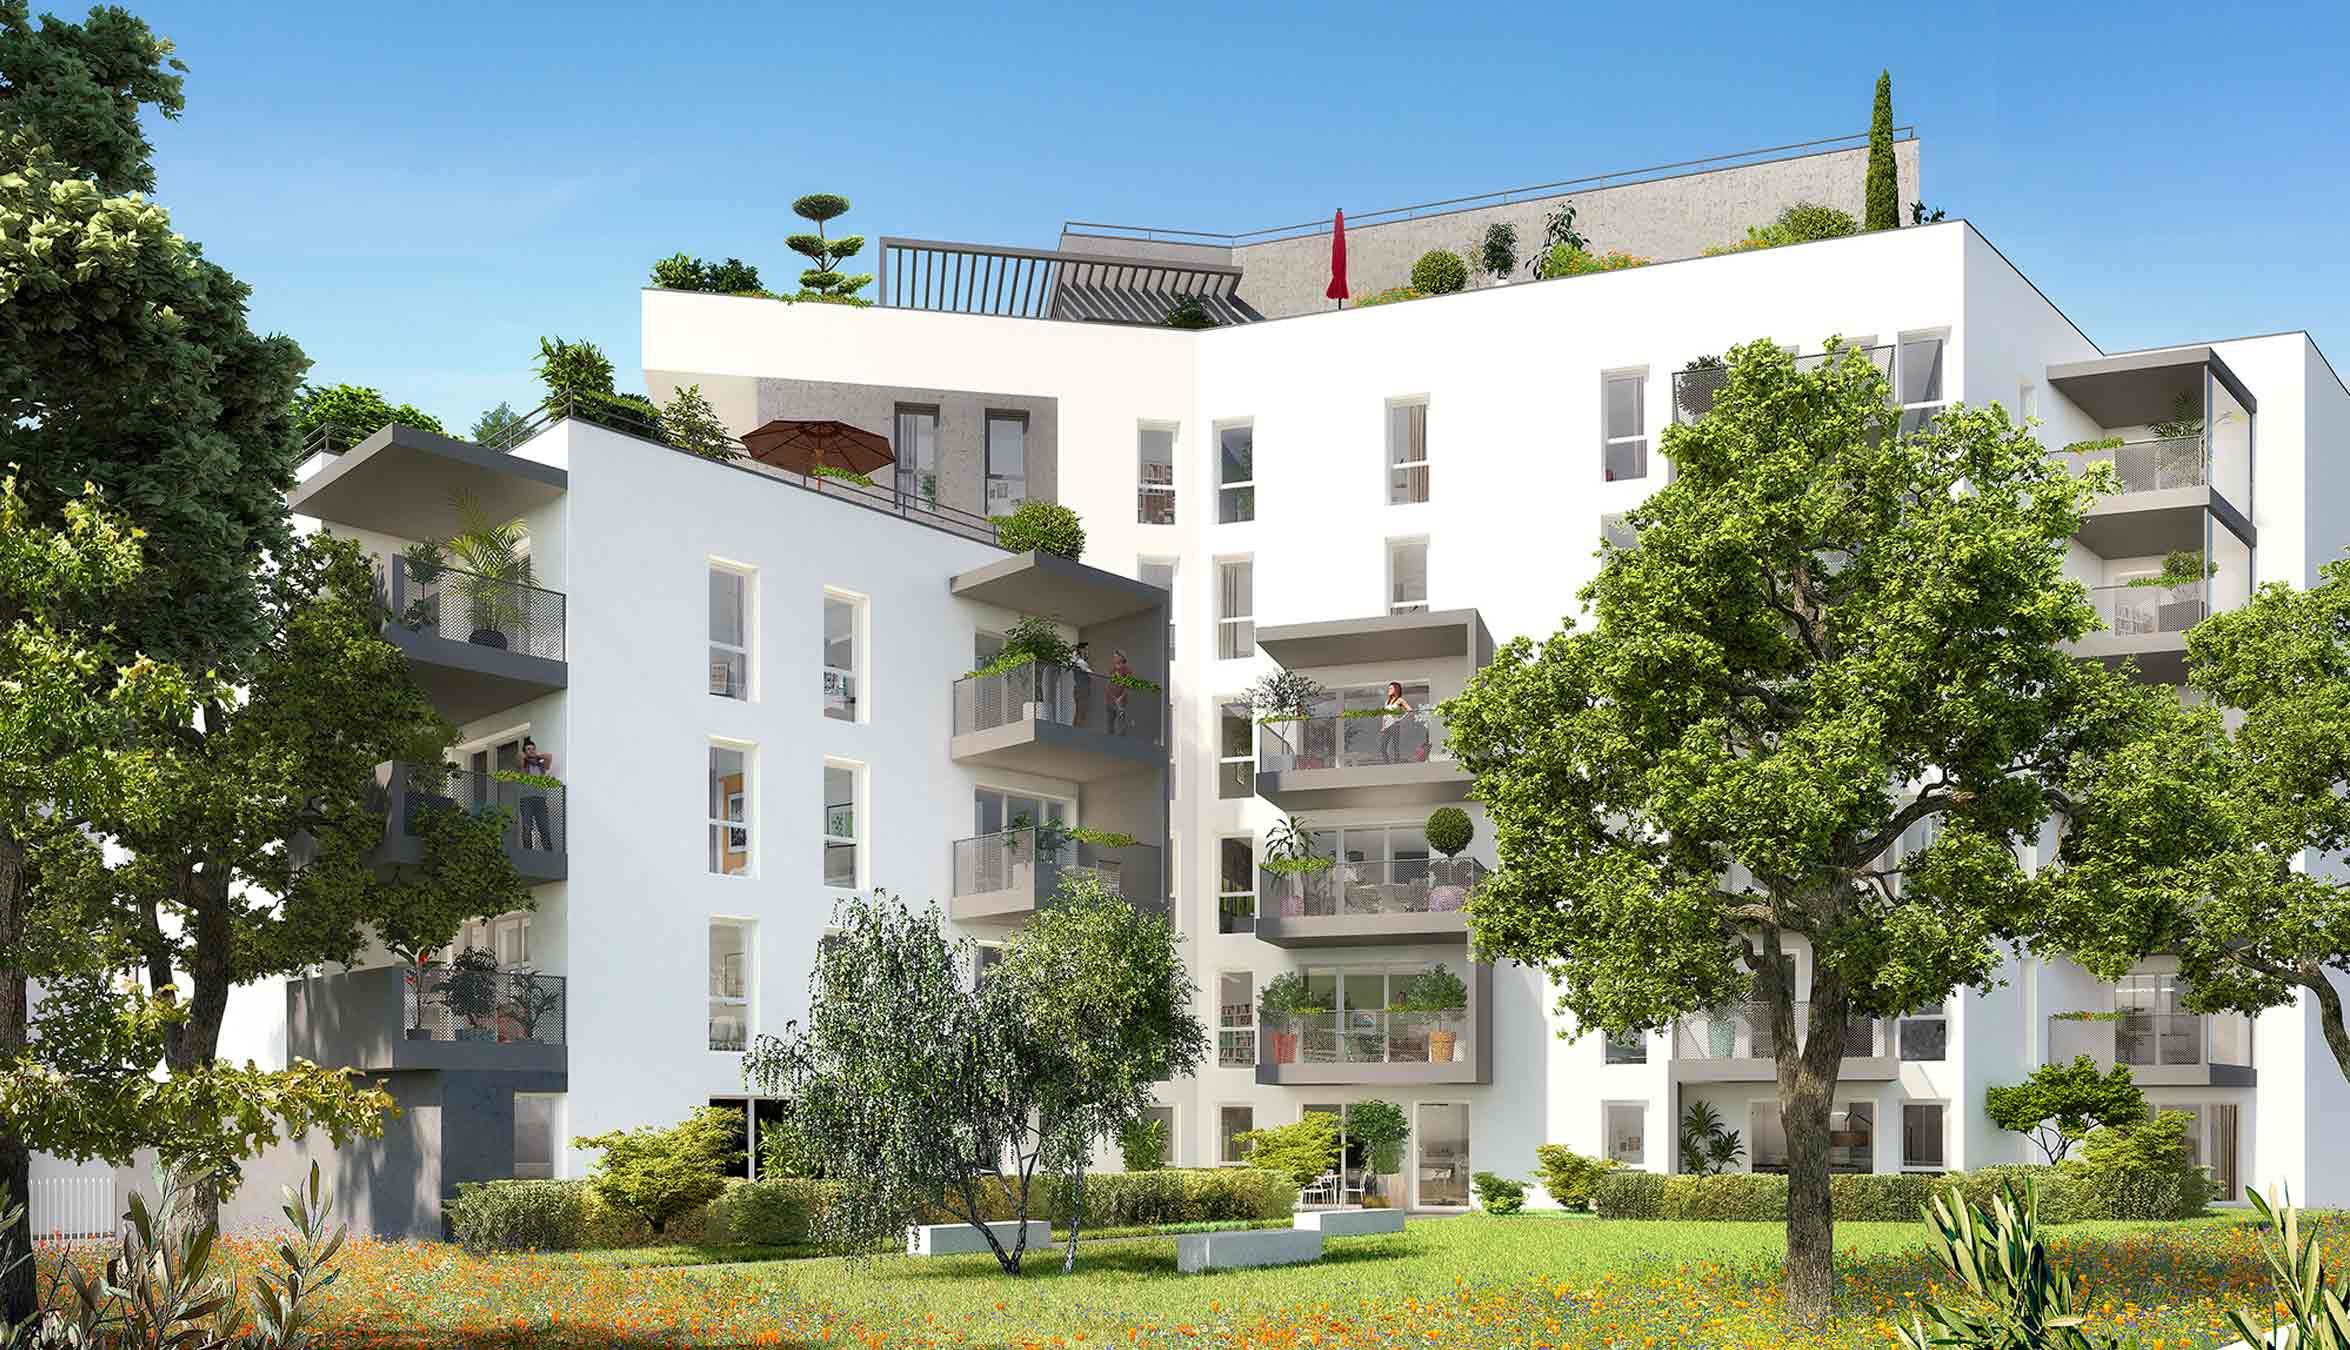 Bénéficier d'avantages en achetant un appartement neuf à sete